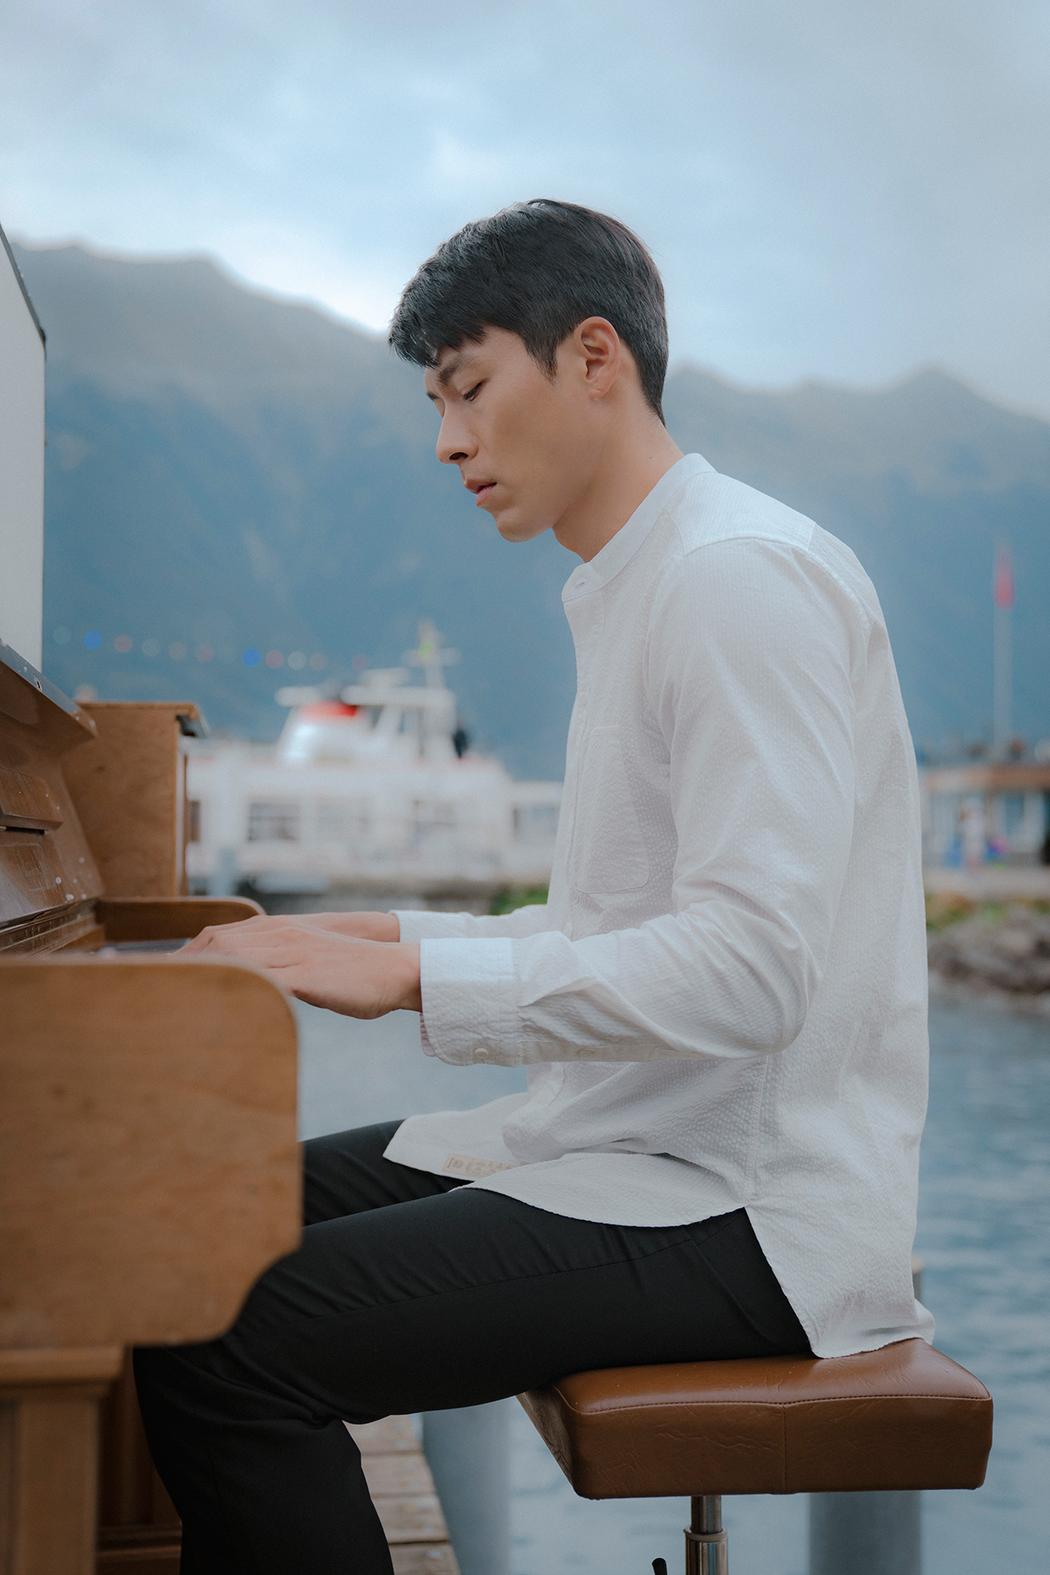 玄彬彈琴畫面唯美。圖/Netflix提供